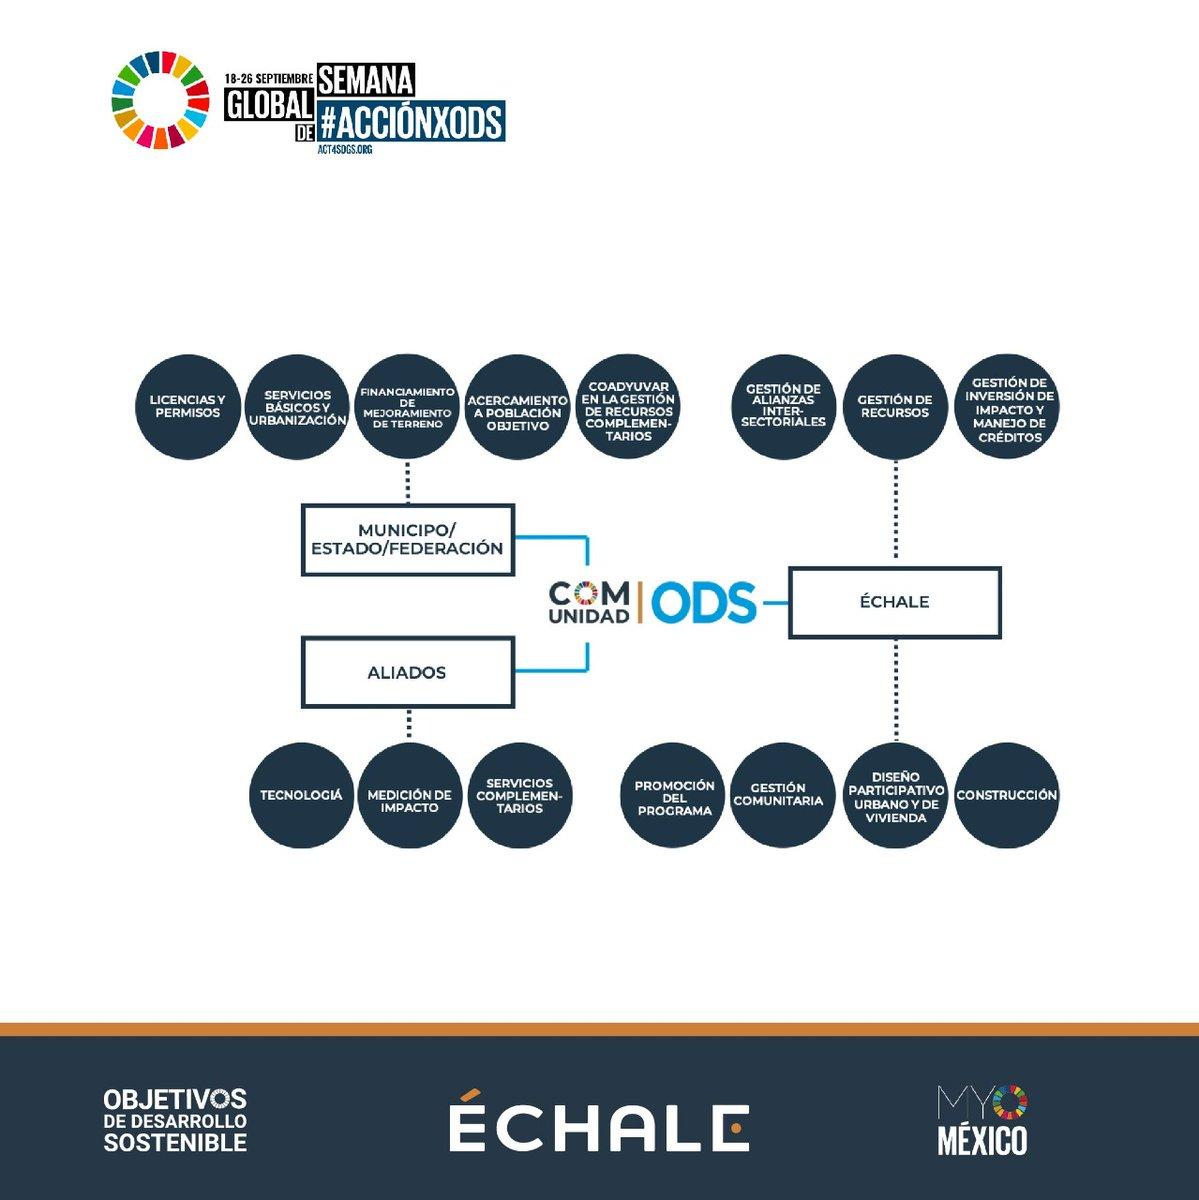 @echalemex está comprometida en cumplir los #ODS, continua su labor en crear más Comunidades #ODS 🌐  @MYWorldMexico @SDGaction  @TheGlobalGoals @UN @JoinUN75 #Planeta2030 #Act4SDGs  #ODS  #SDGs #SDGMoment #UN75  #UNGA #DécadadeAcción